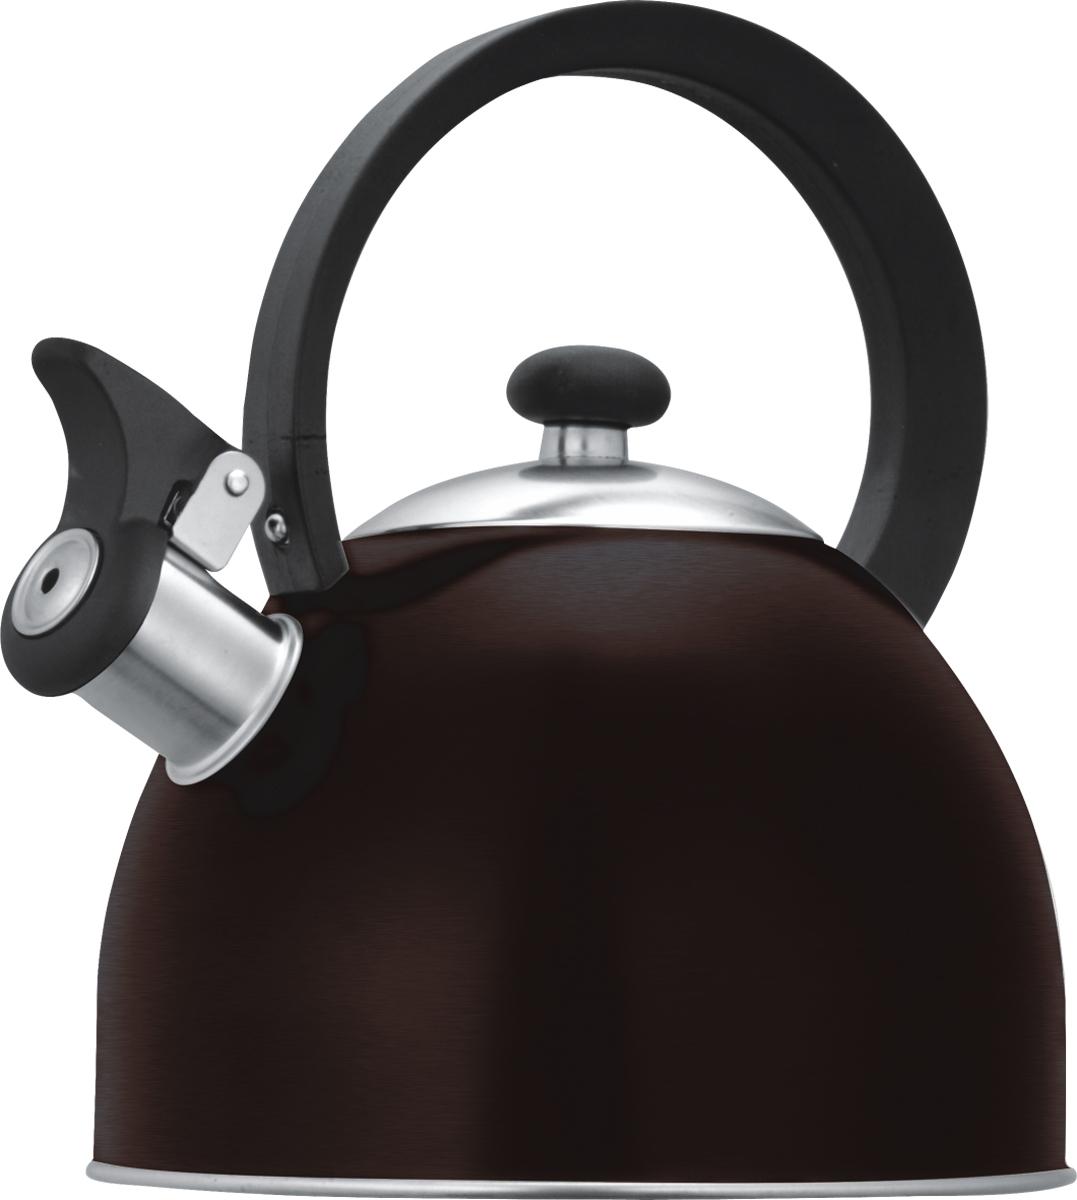 Чайник Lumme со свистком, цвет: шоколад, 1,8 лLU-256 шоколадЧайник в корпусе из высококачественной пищевой нержавеющей стали с термостойкой ненагревающейся ручкой и свистком, поднимающимся с помощью рычажка.Высококачественная нержавеющая сталь не имеет запаха, не выделяет примесей и сохраняет все природные натуральные свойства воды.Свисток на носике чайника - привычный элемент комфорта и безопасности, потому что своевременный сигнал о готовности кипятка сэкономит время и электроэнергию, вода никогда не выкипит полностью, и чайник прослужит очень долго.Оригинальный механизм поднятия свистка с помощью рычажка добавляет чайнику индивидуальности, он необычайно комфортен в использовании и может стать хорошим подарком для близких.Чайник из нержавеющей стали подходит для всех видов плит, кроме индукционных: электрических, стеклокерамических, галогенных, газовых.